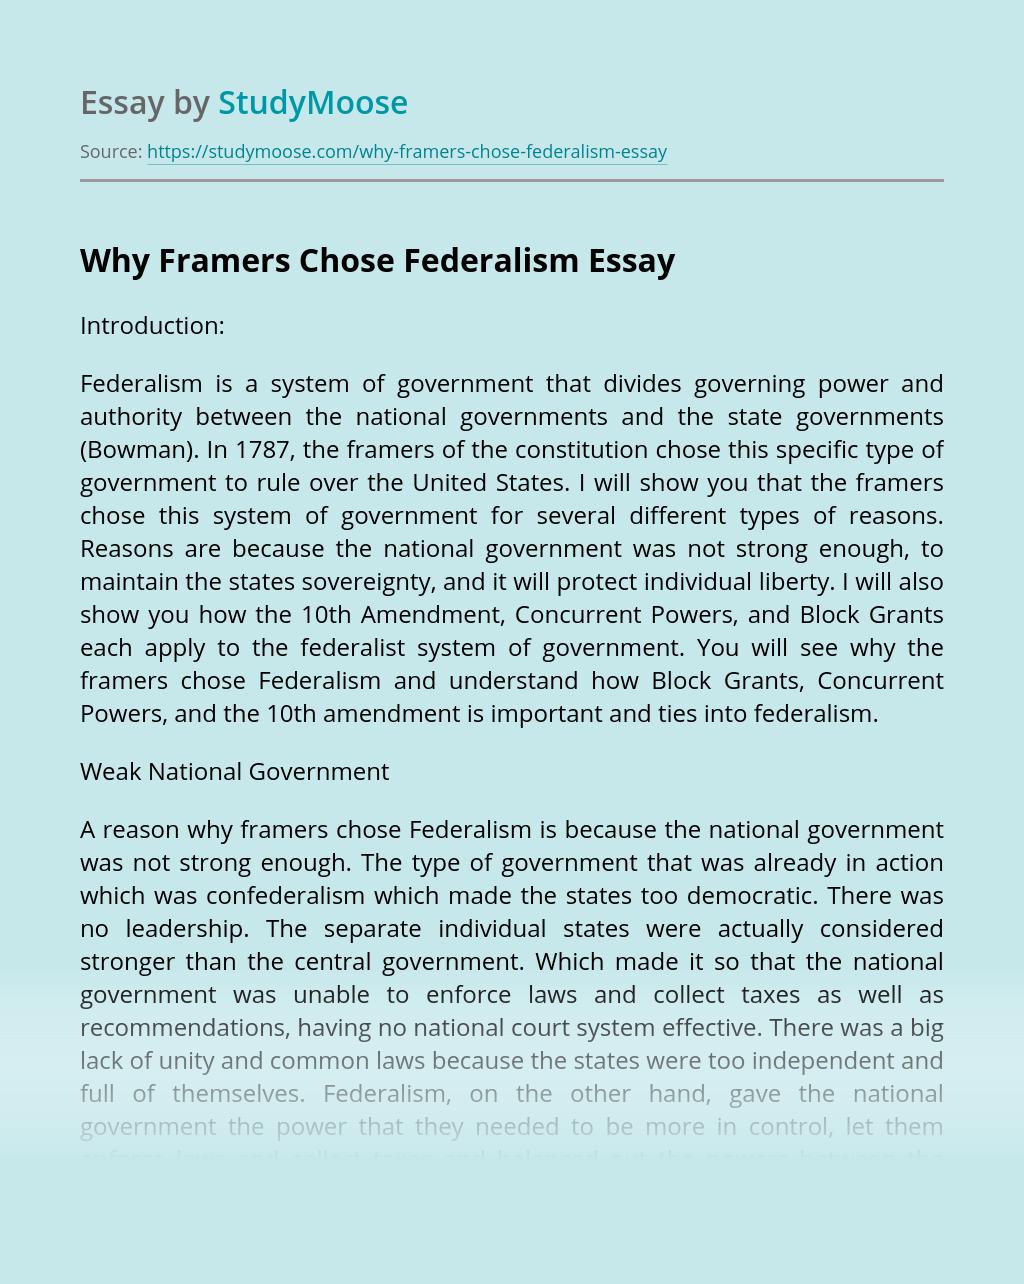 Why Framers Chose Federalism